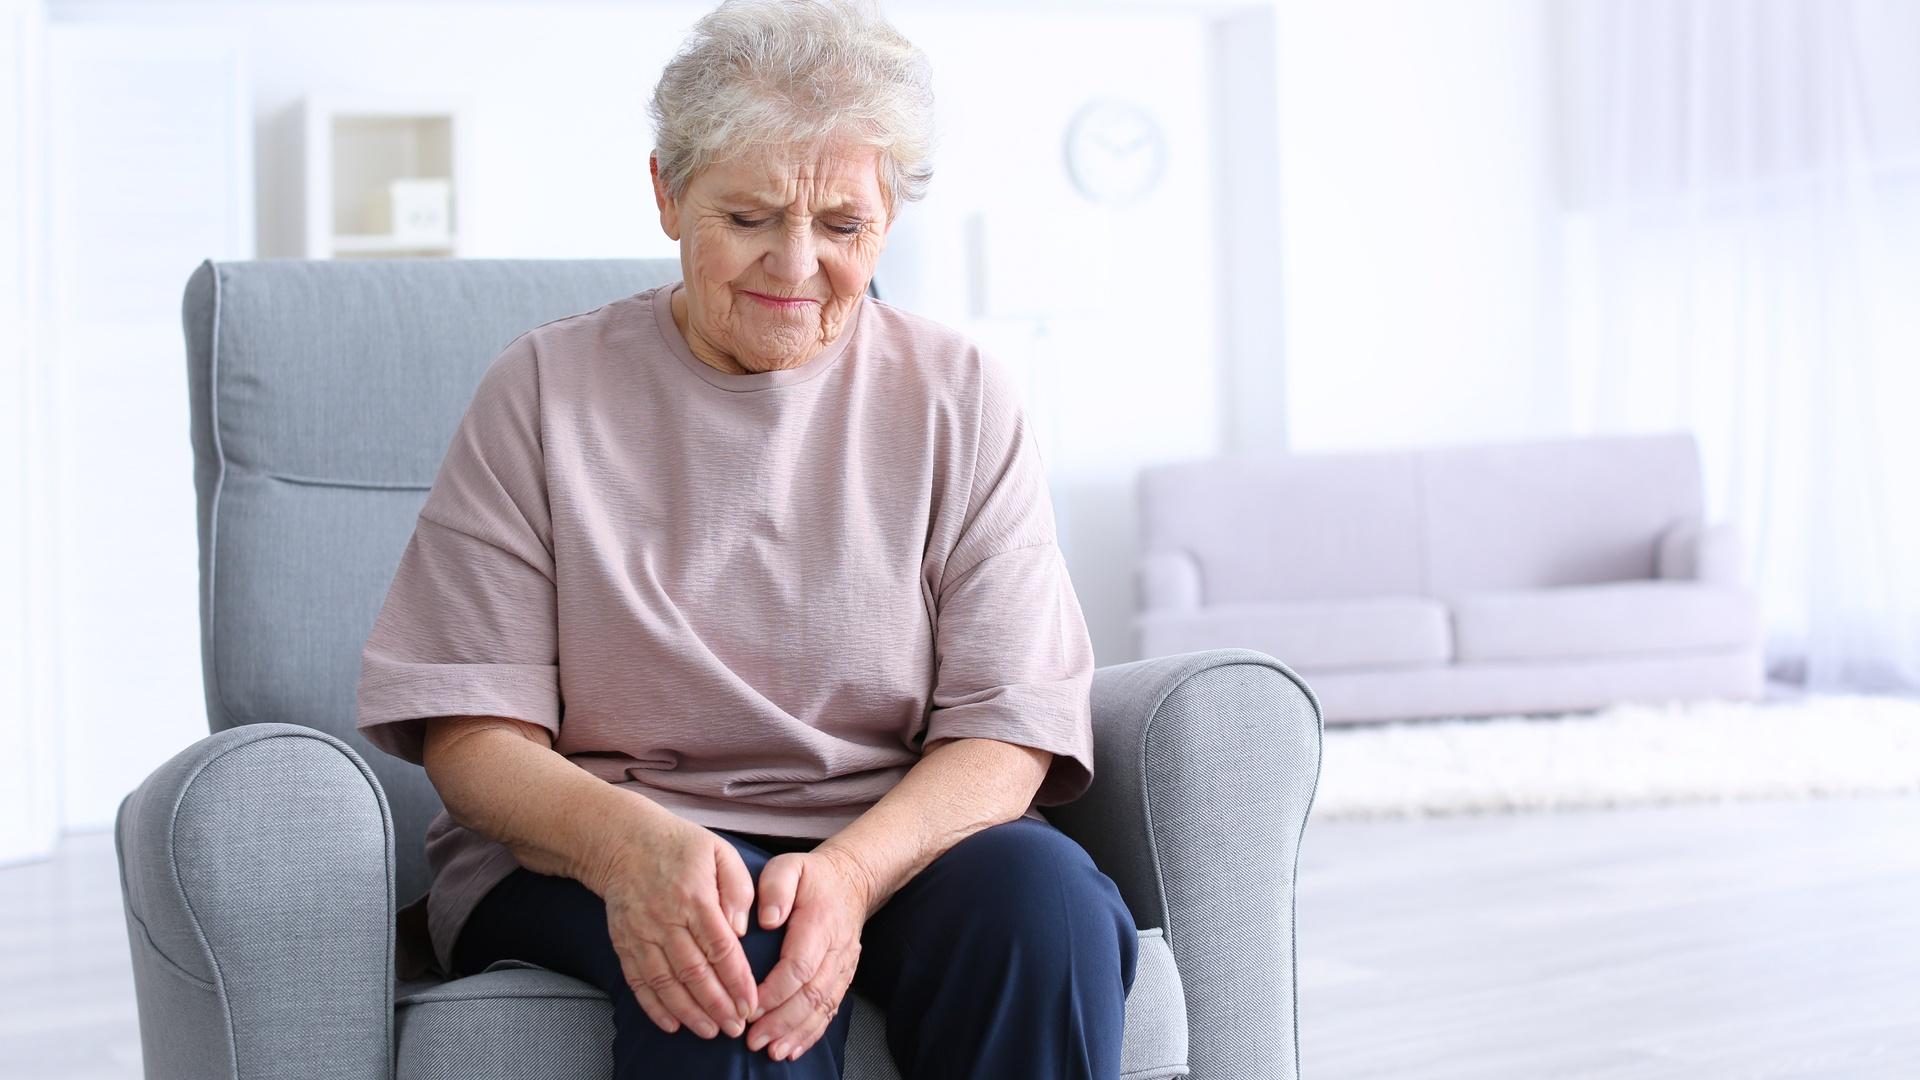 Juez estima incapacidad absoluta por la enfermedad Charcot-Marie-Tooth